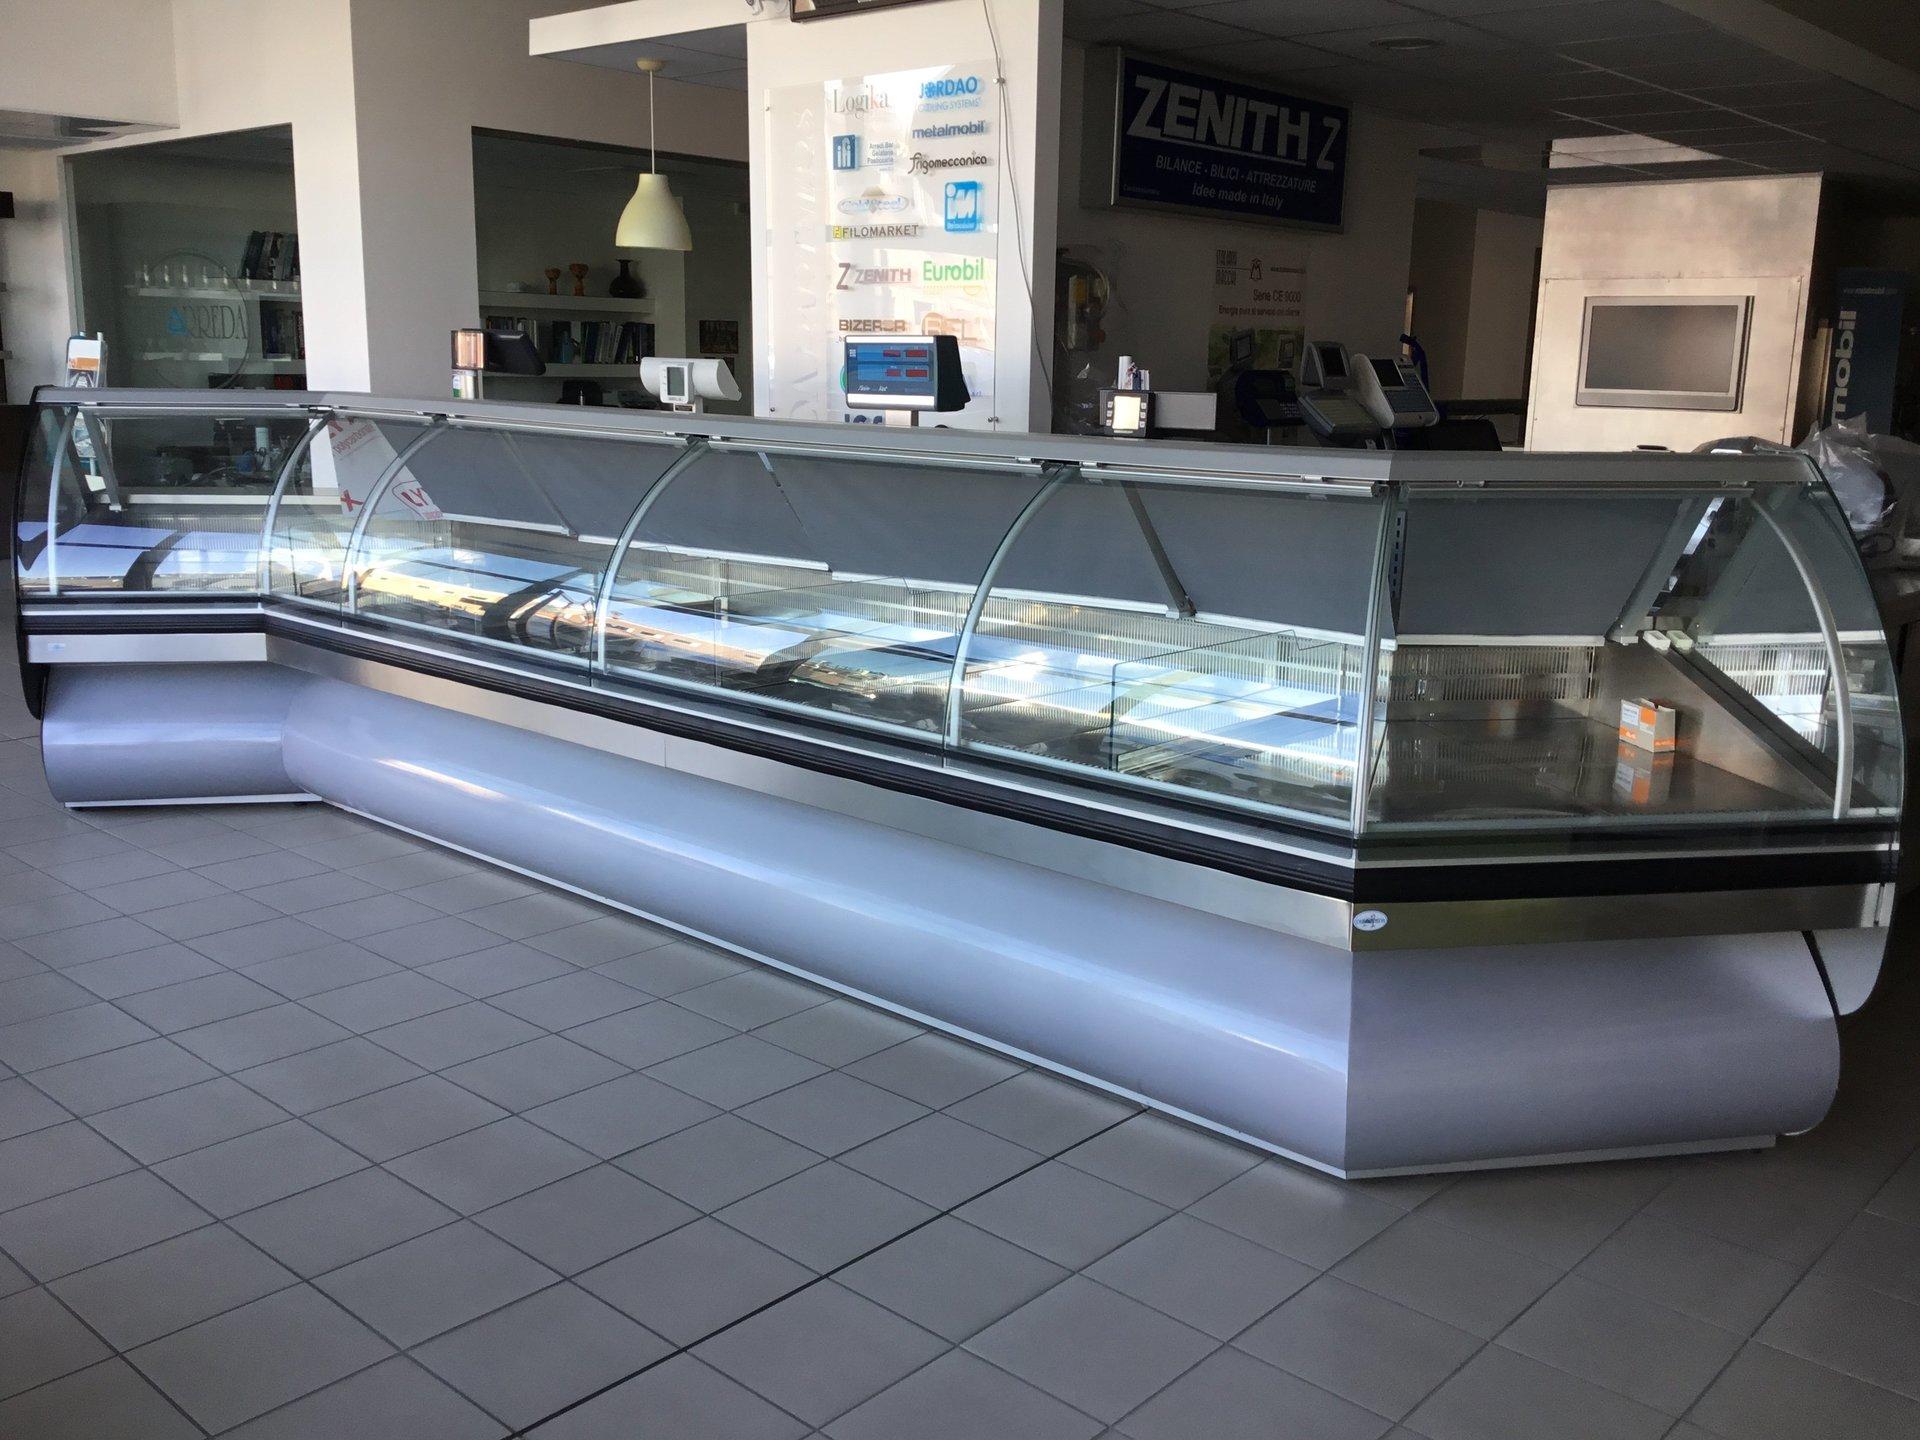 Banconi refrigerati arezzo duearreda arredamento negozi for Arredamento macelleria usato